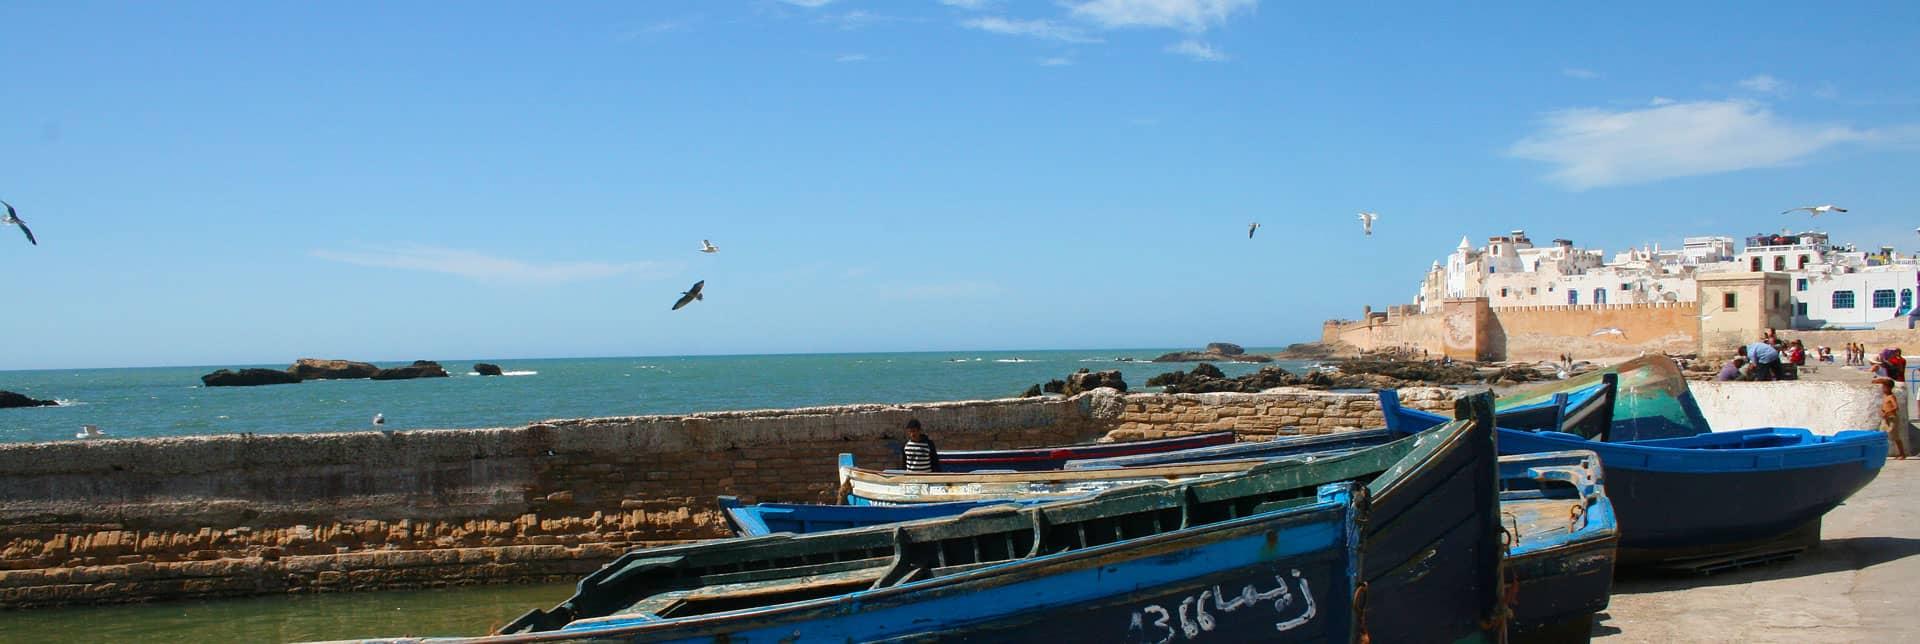 Goedkoop vliegen naar Marokko.